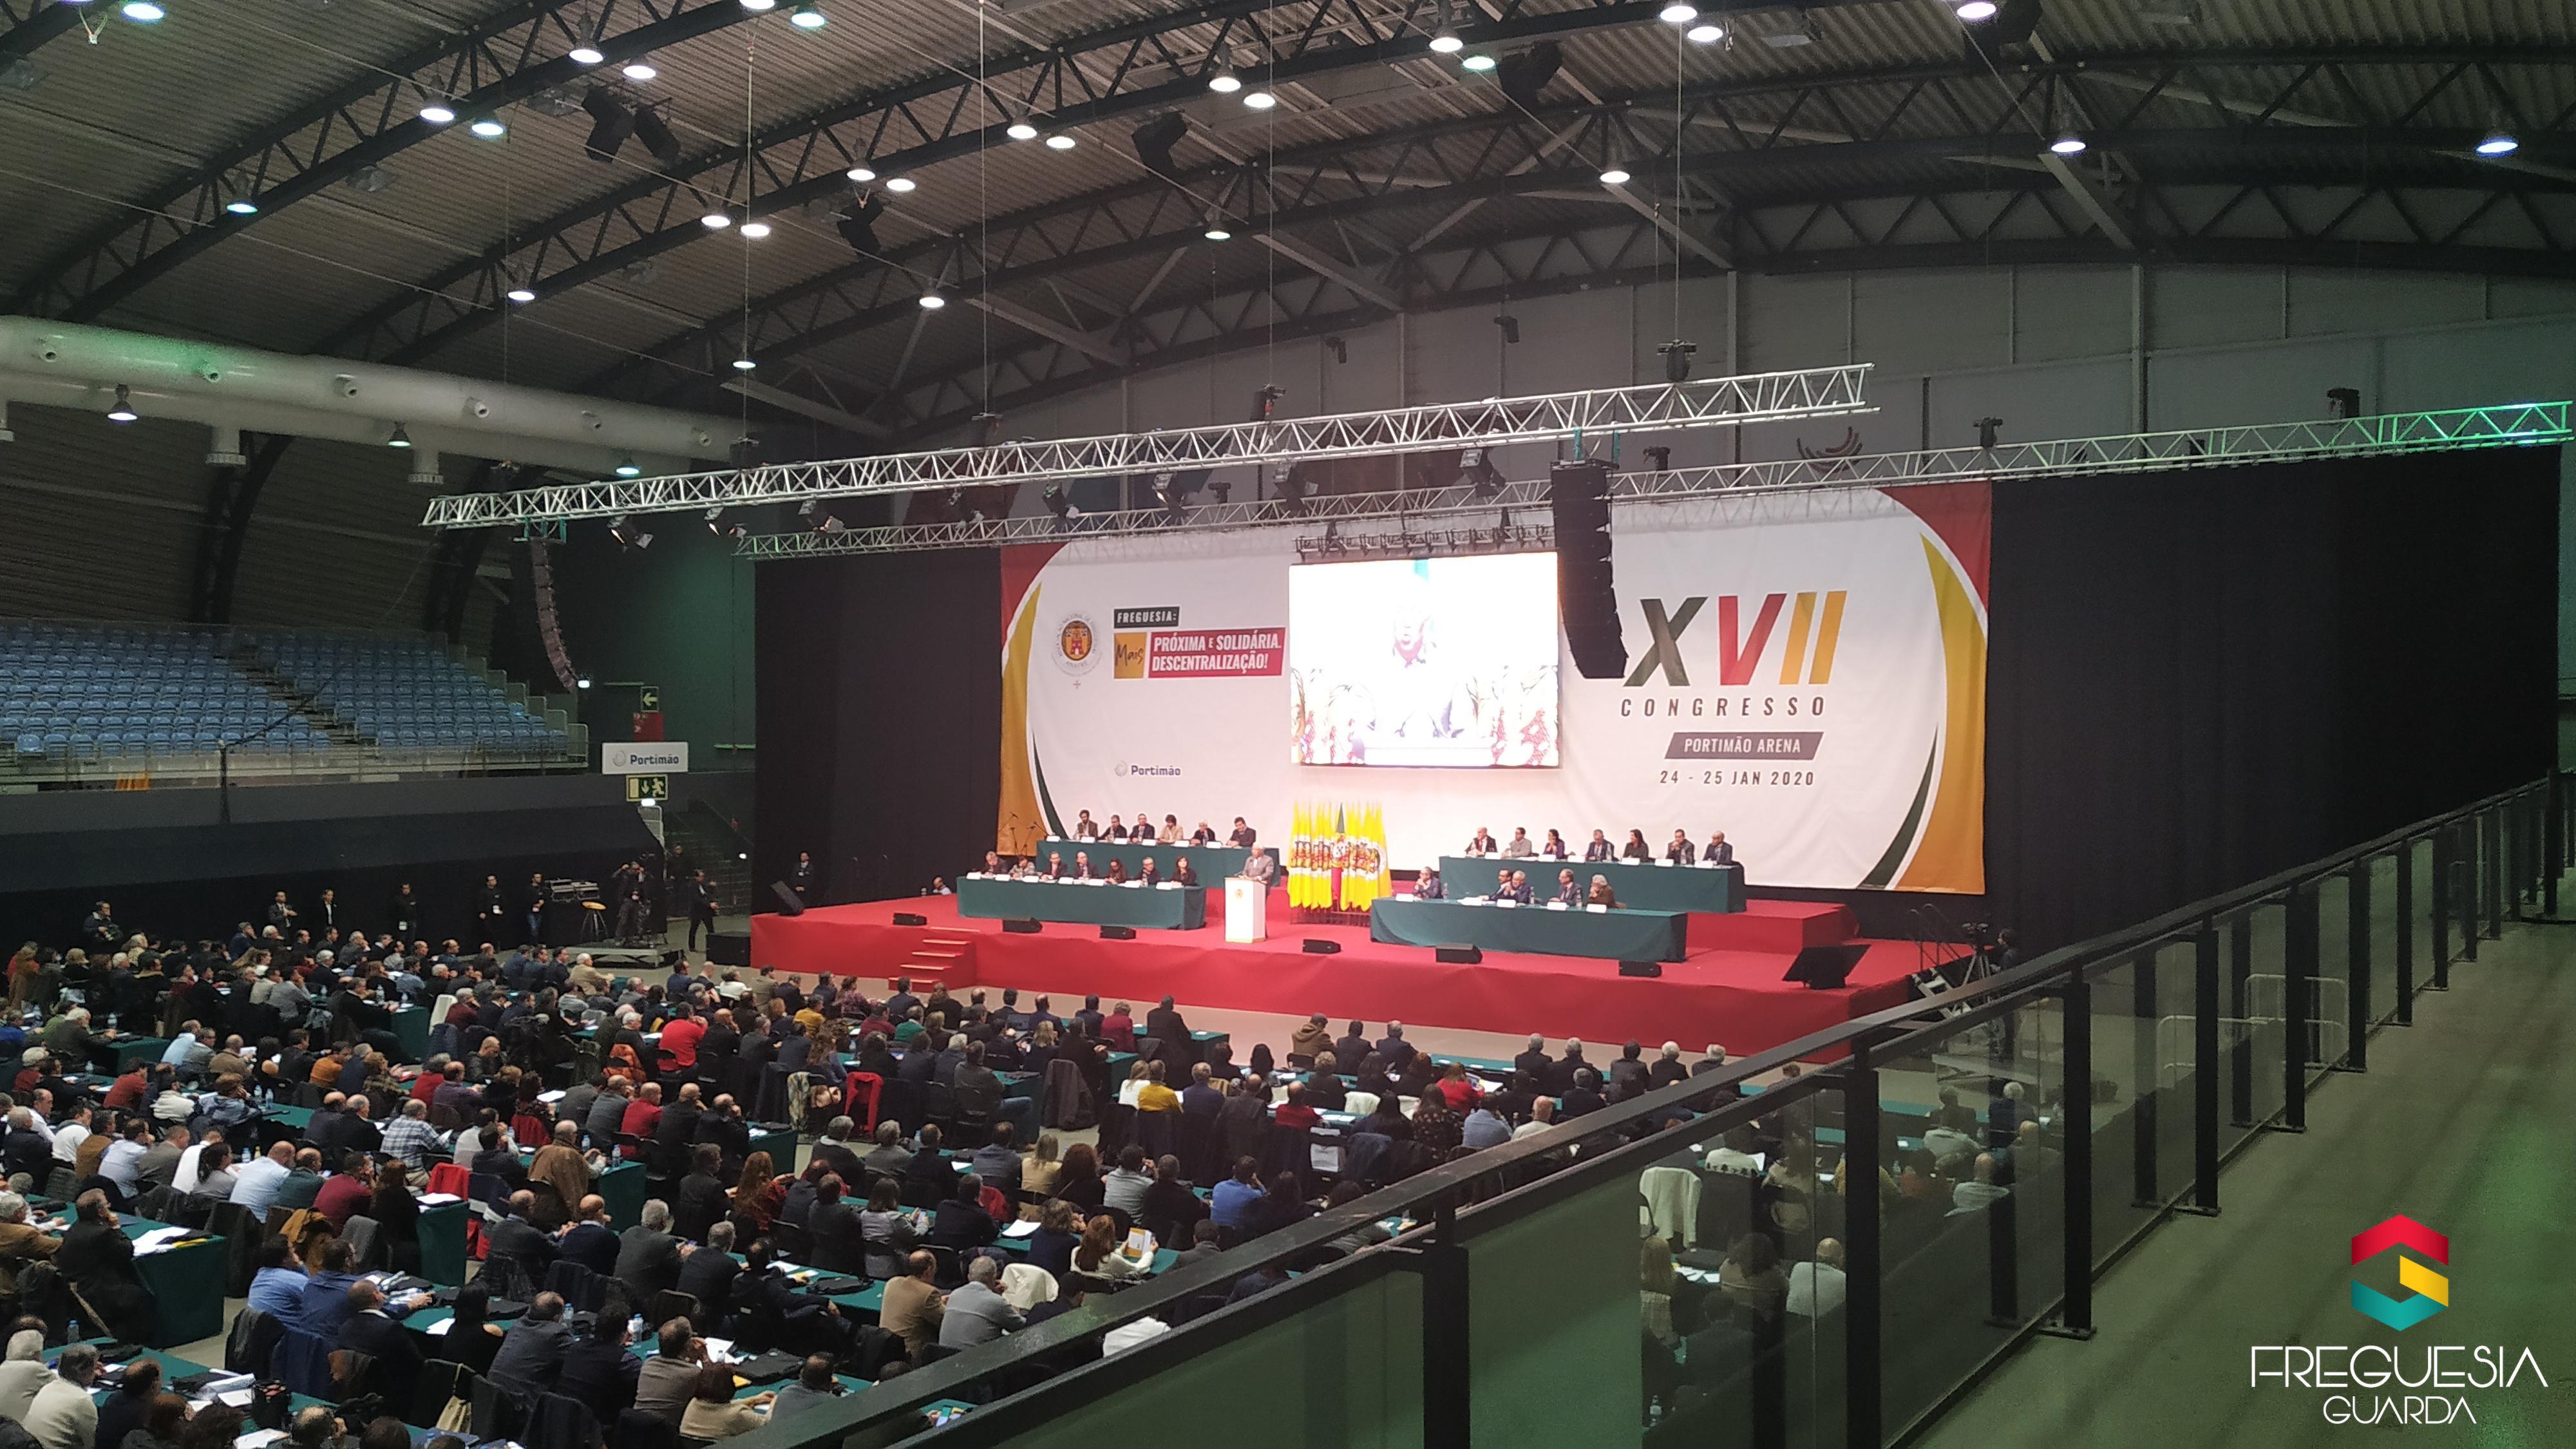 XVII Congresso da ANAFRE